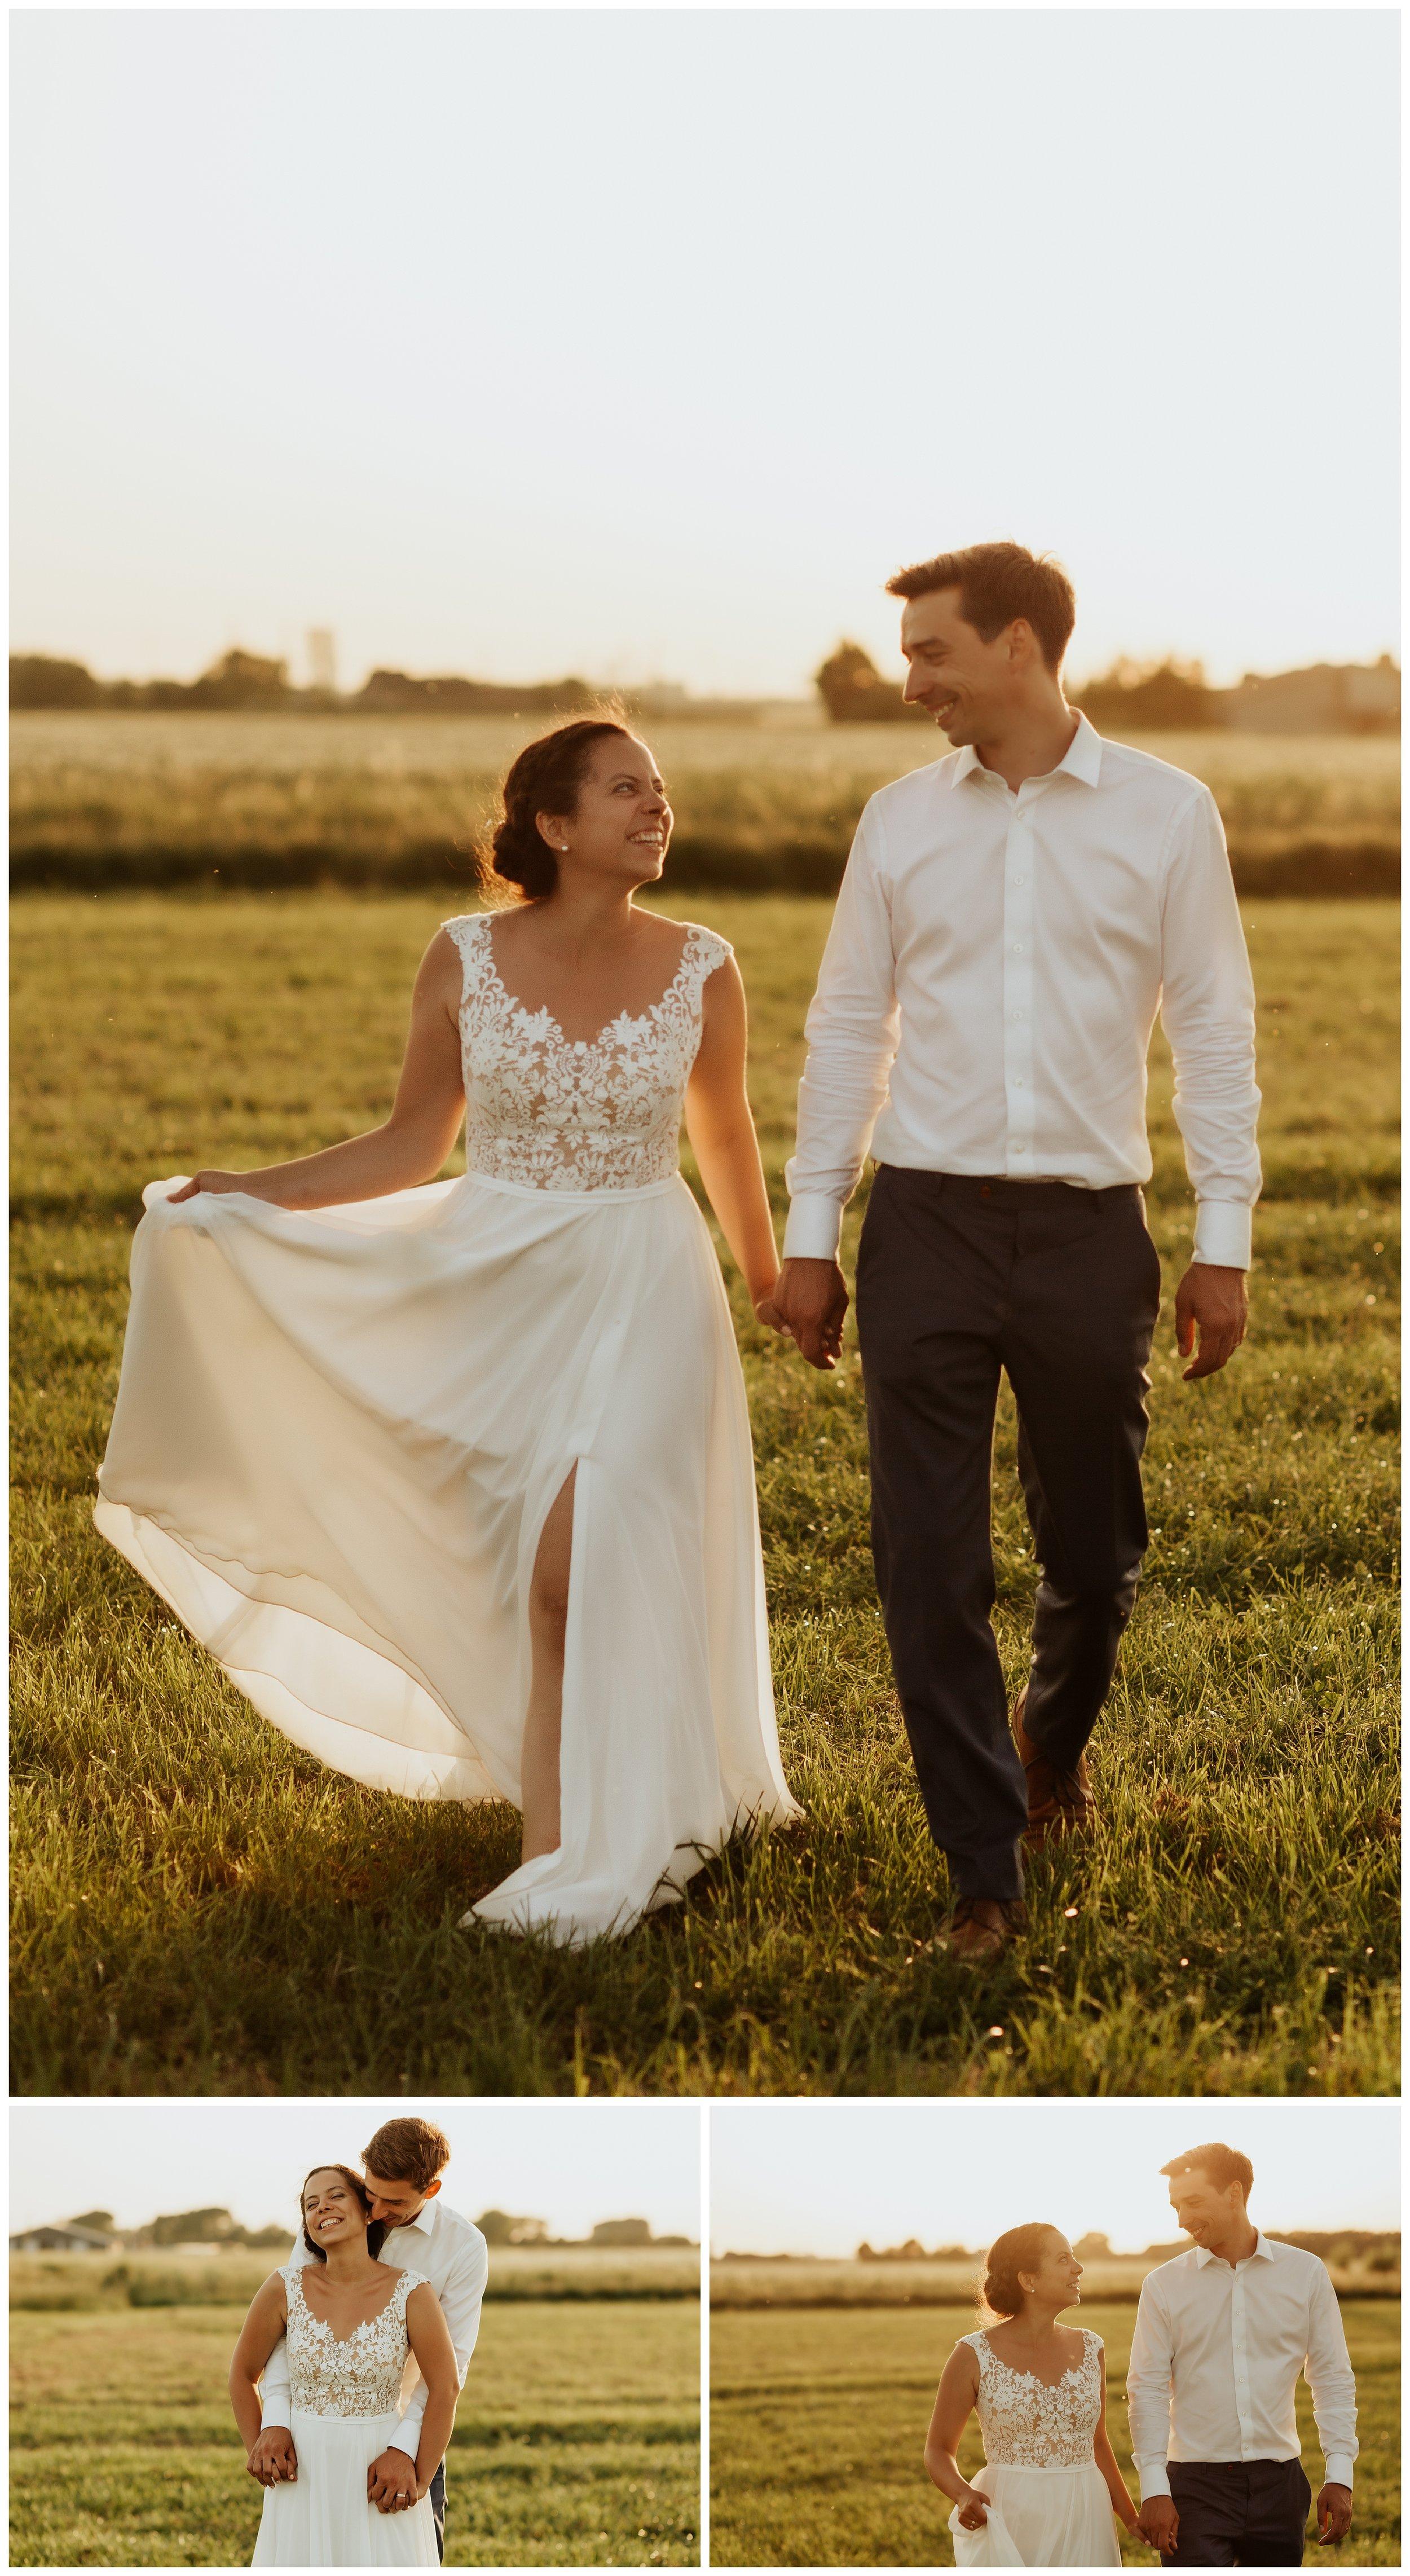 huwelijksfotograaf-huwelijksfotografie-knokke-heist-lisa-helsen-photography-trouwfotograaf-trouwfoto-sabine-pieter_0033.jpg